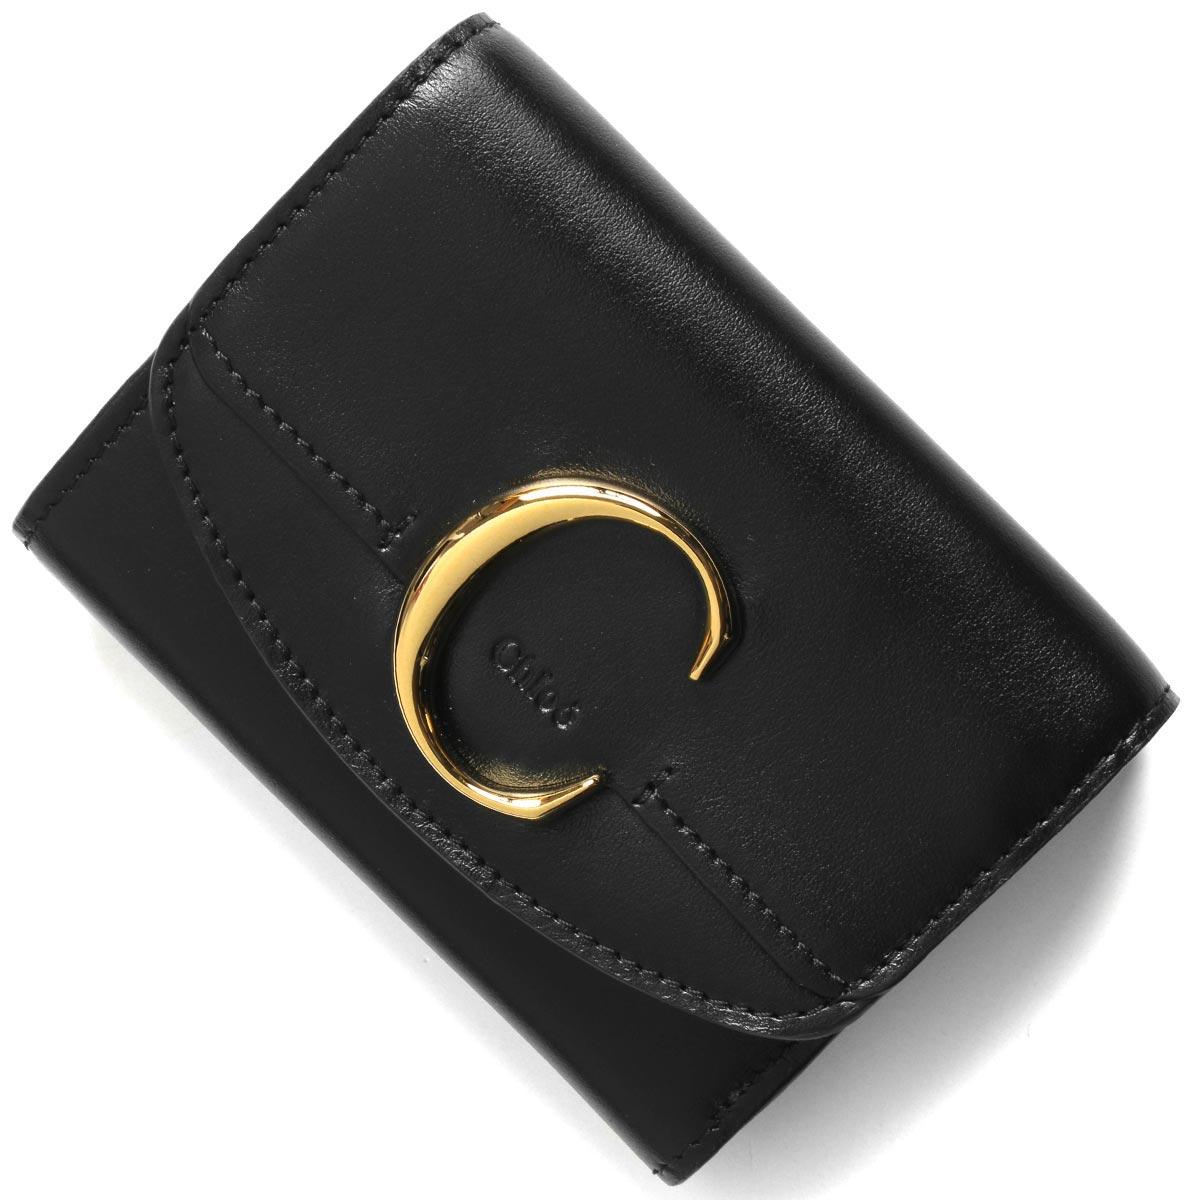 クロエ 三つ折り財布 財布 レディース クロエ シー ブラック CHC19WP088 A37 001 CHLOE